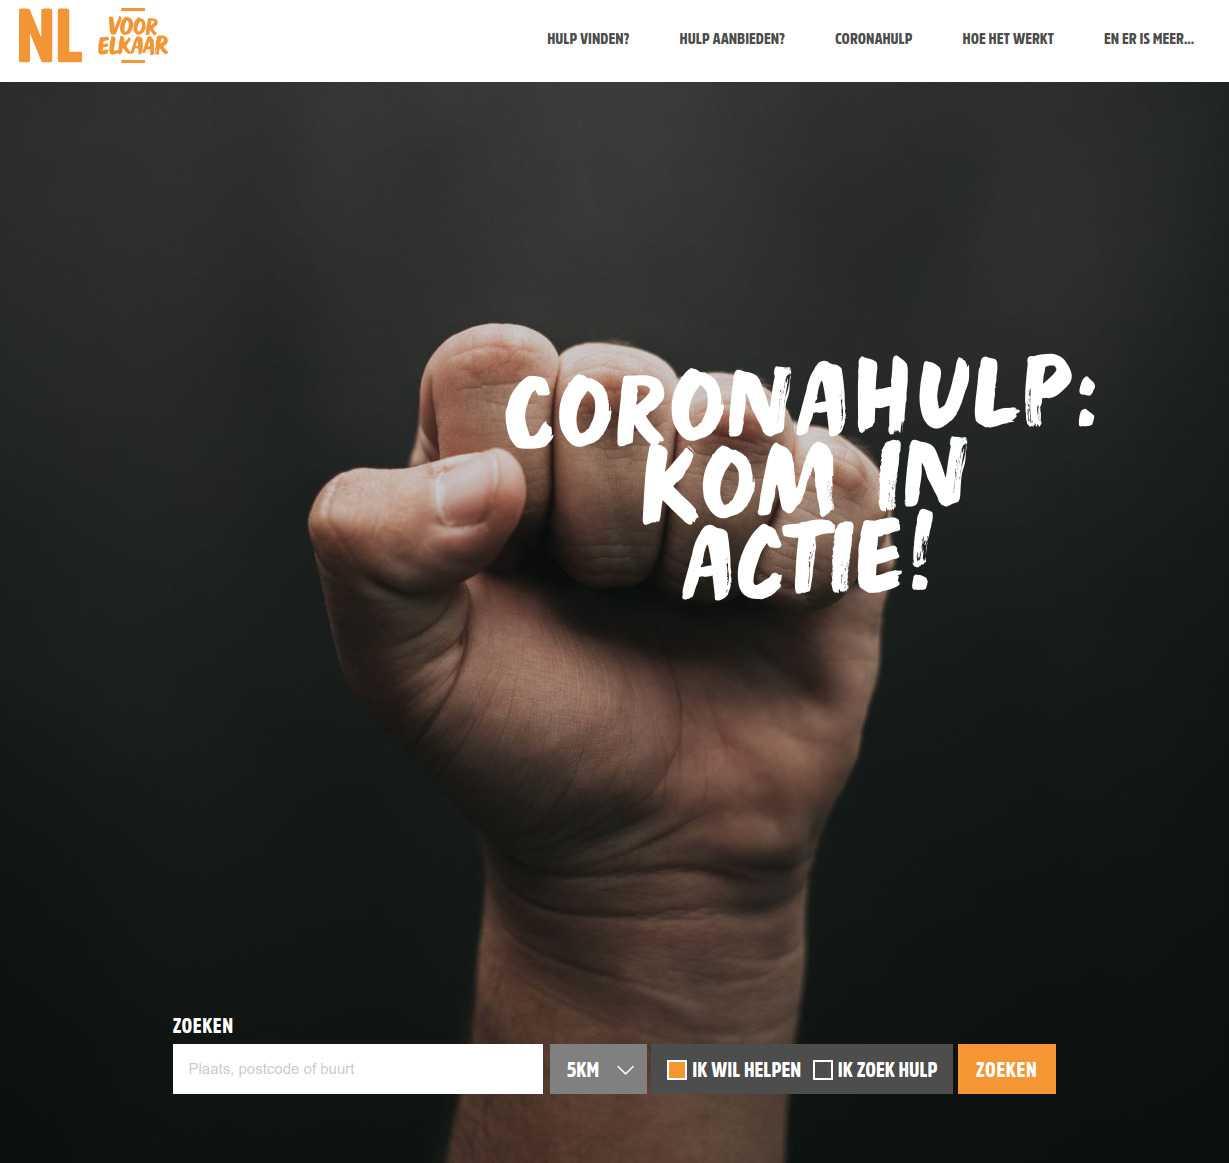 Веб-сайт NL Voor Elkaar.